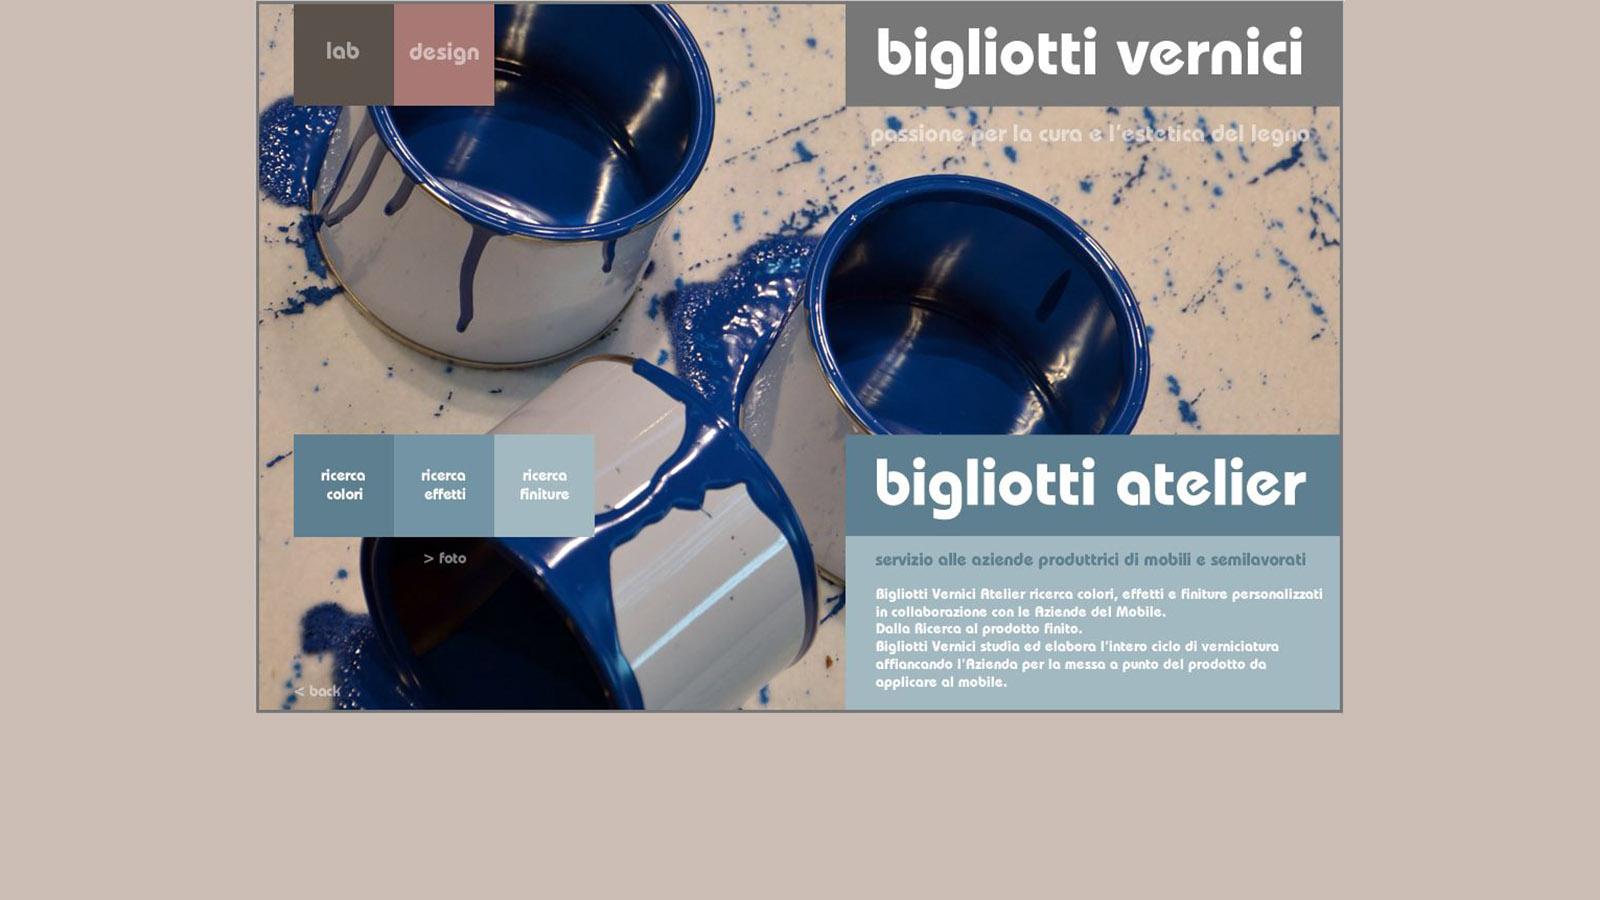 sito-web-bigliotti-vernici-2016-biglitti-atelier